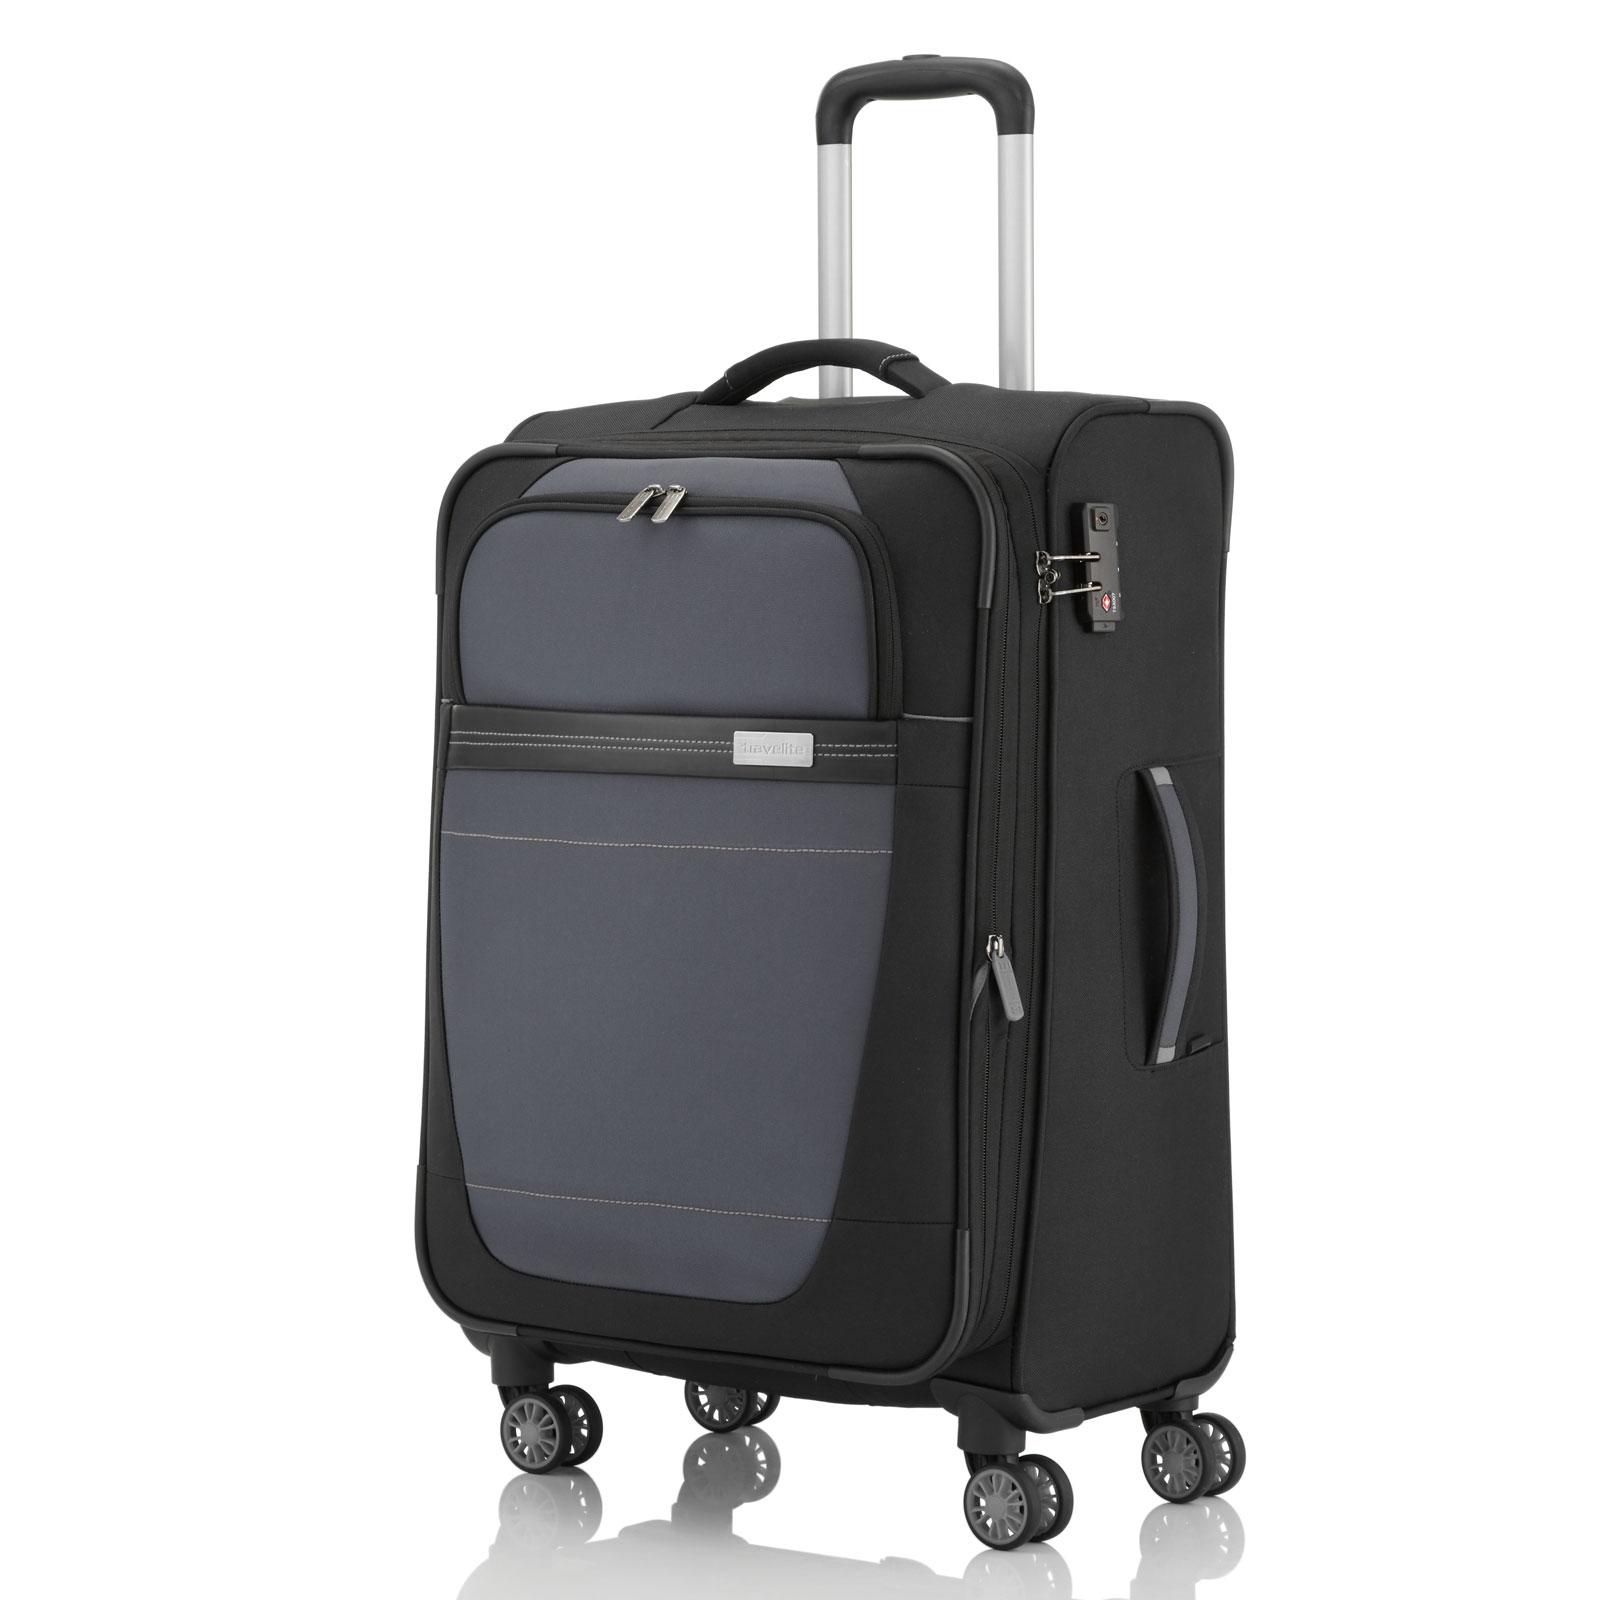 travelite meteor trolley 77 cm 4 rollen erweiterbar g nstig kaufen koffermarkt. Black Bedroom Furniture Sets. Home Design Ideas